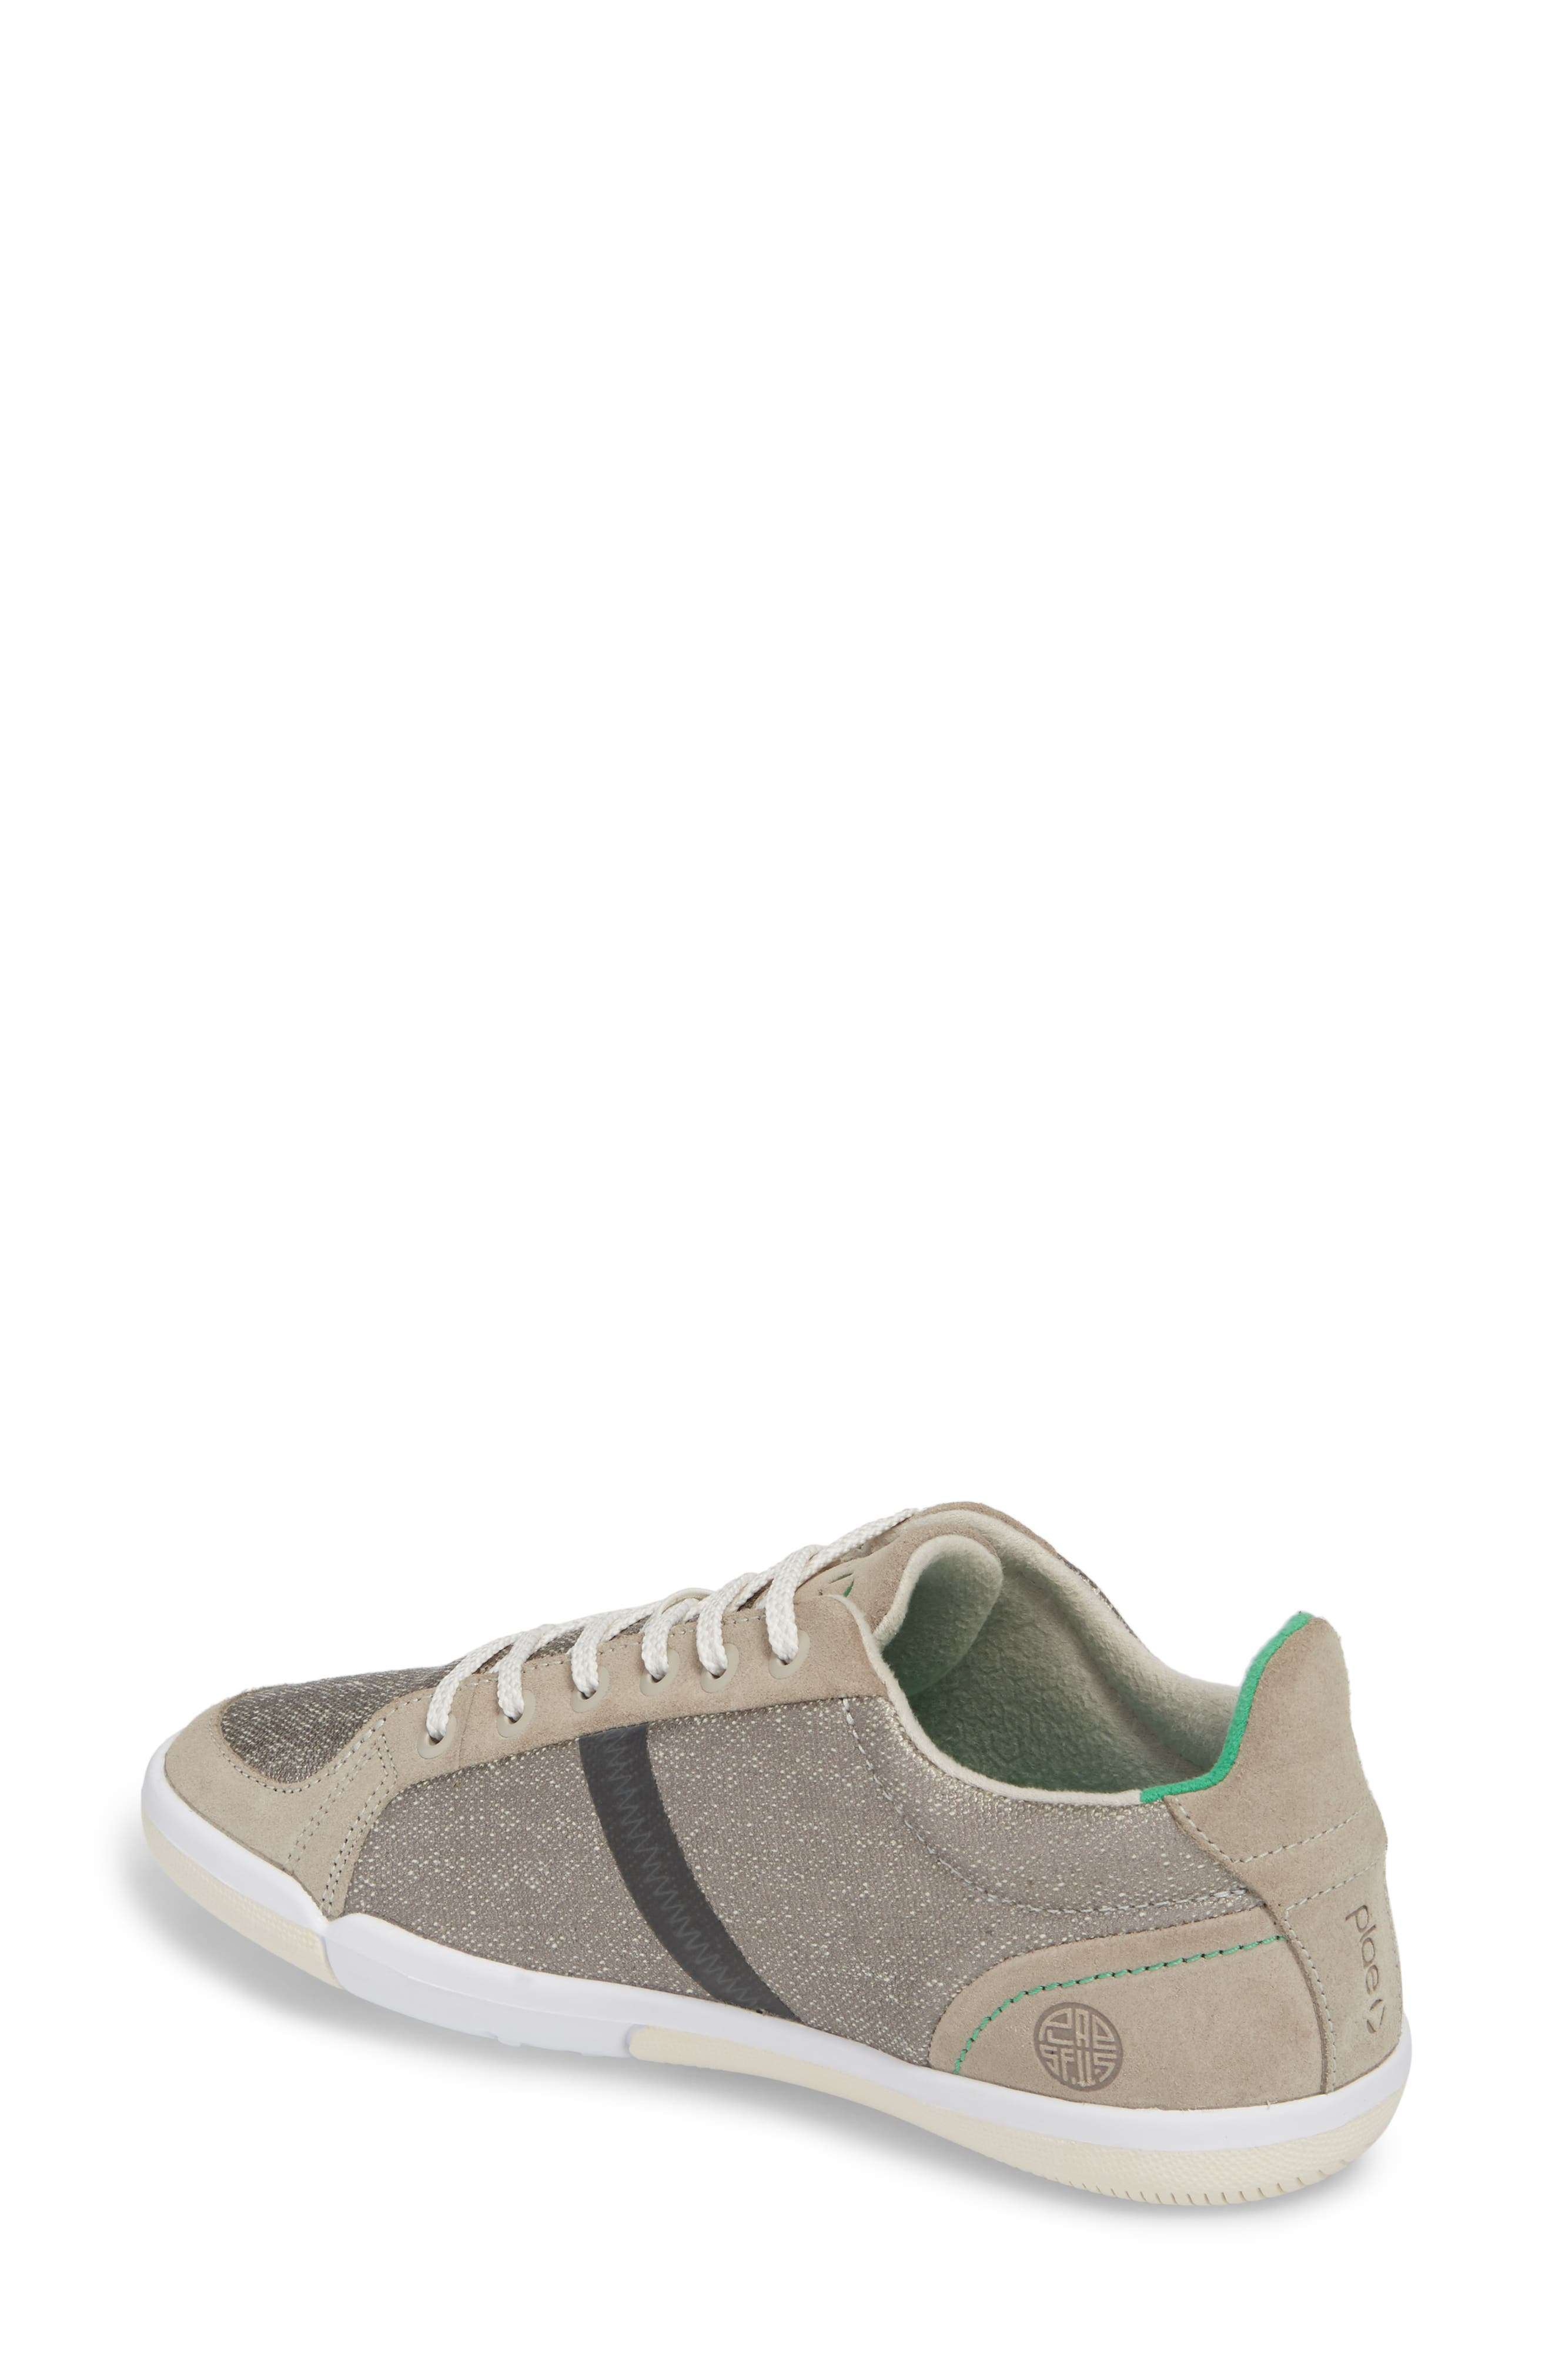 Prospect Sneaker,                             Alternate thumbnail 2, color,                             Grey